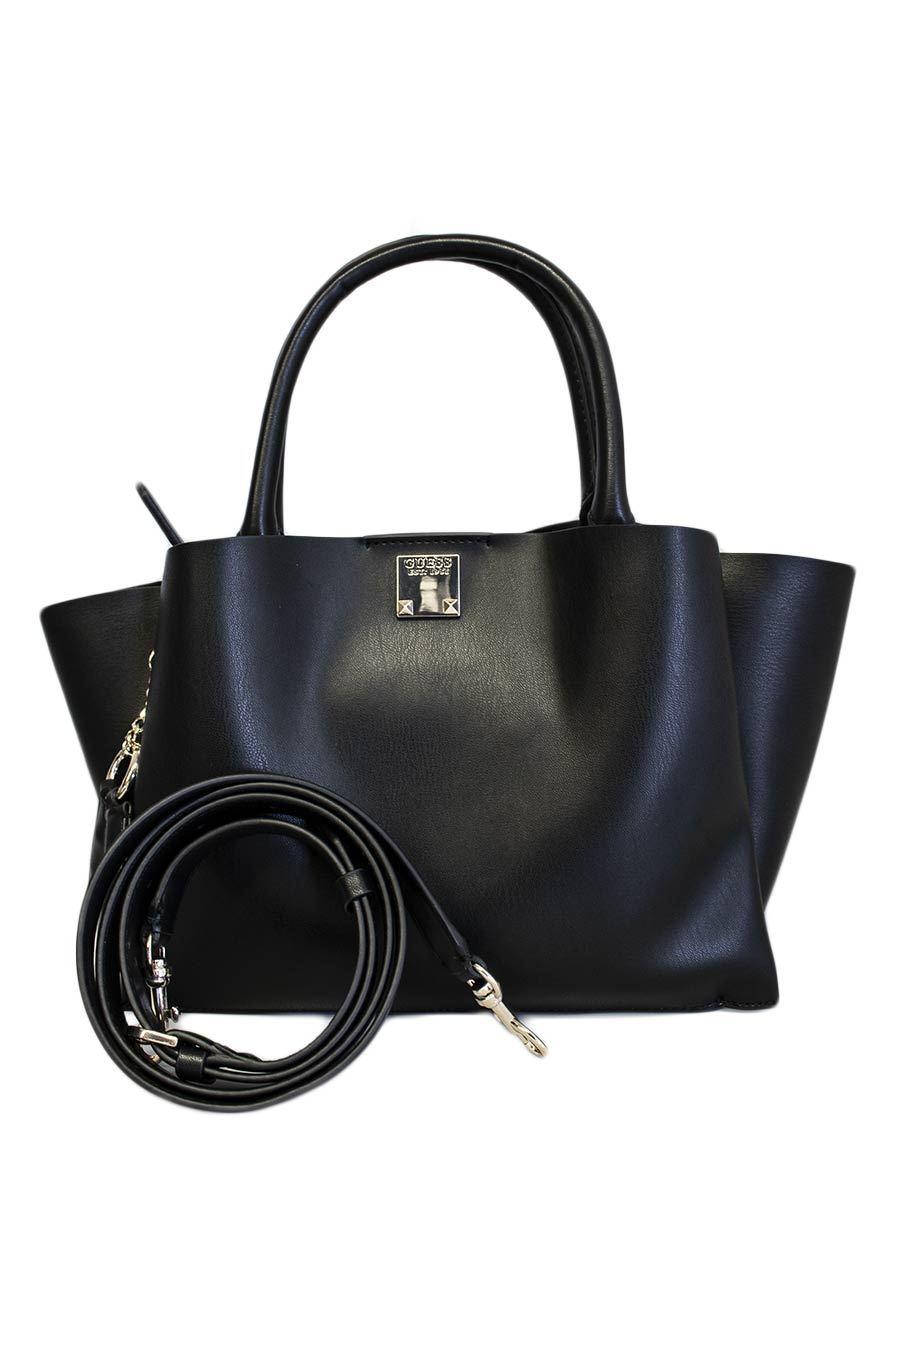 Machi di Mare - Shop online dei migliori marchi di moda 7f7b149b9f7d2